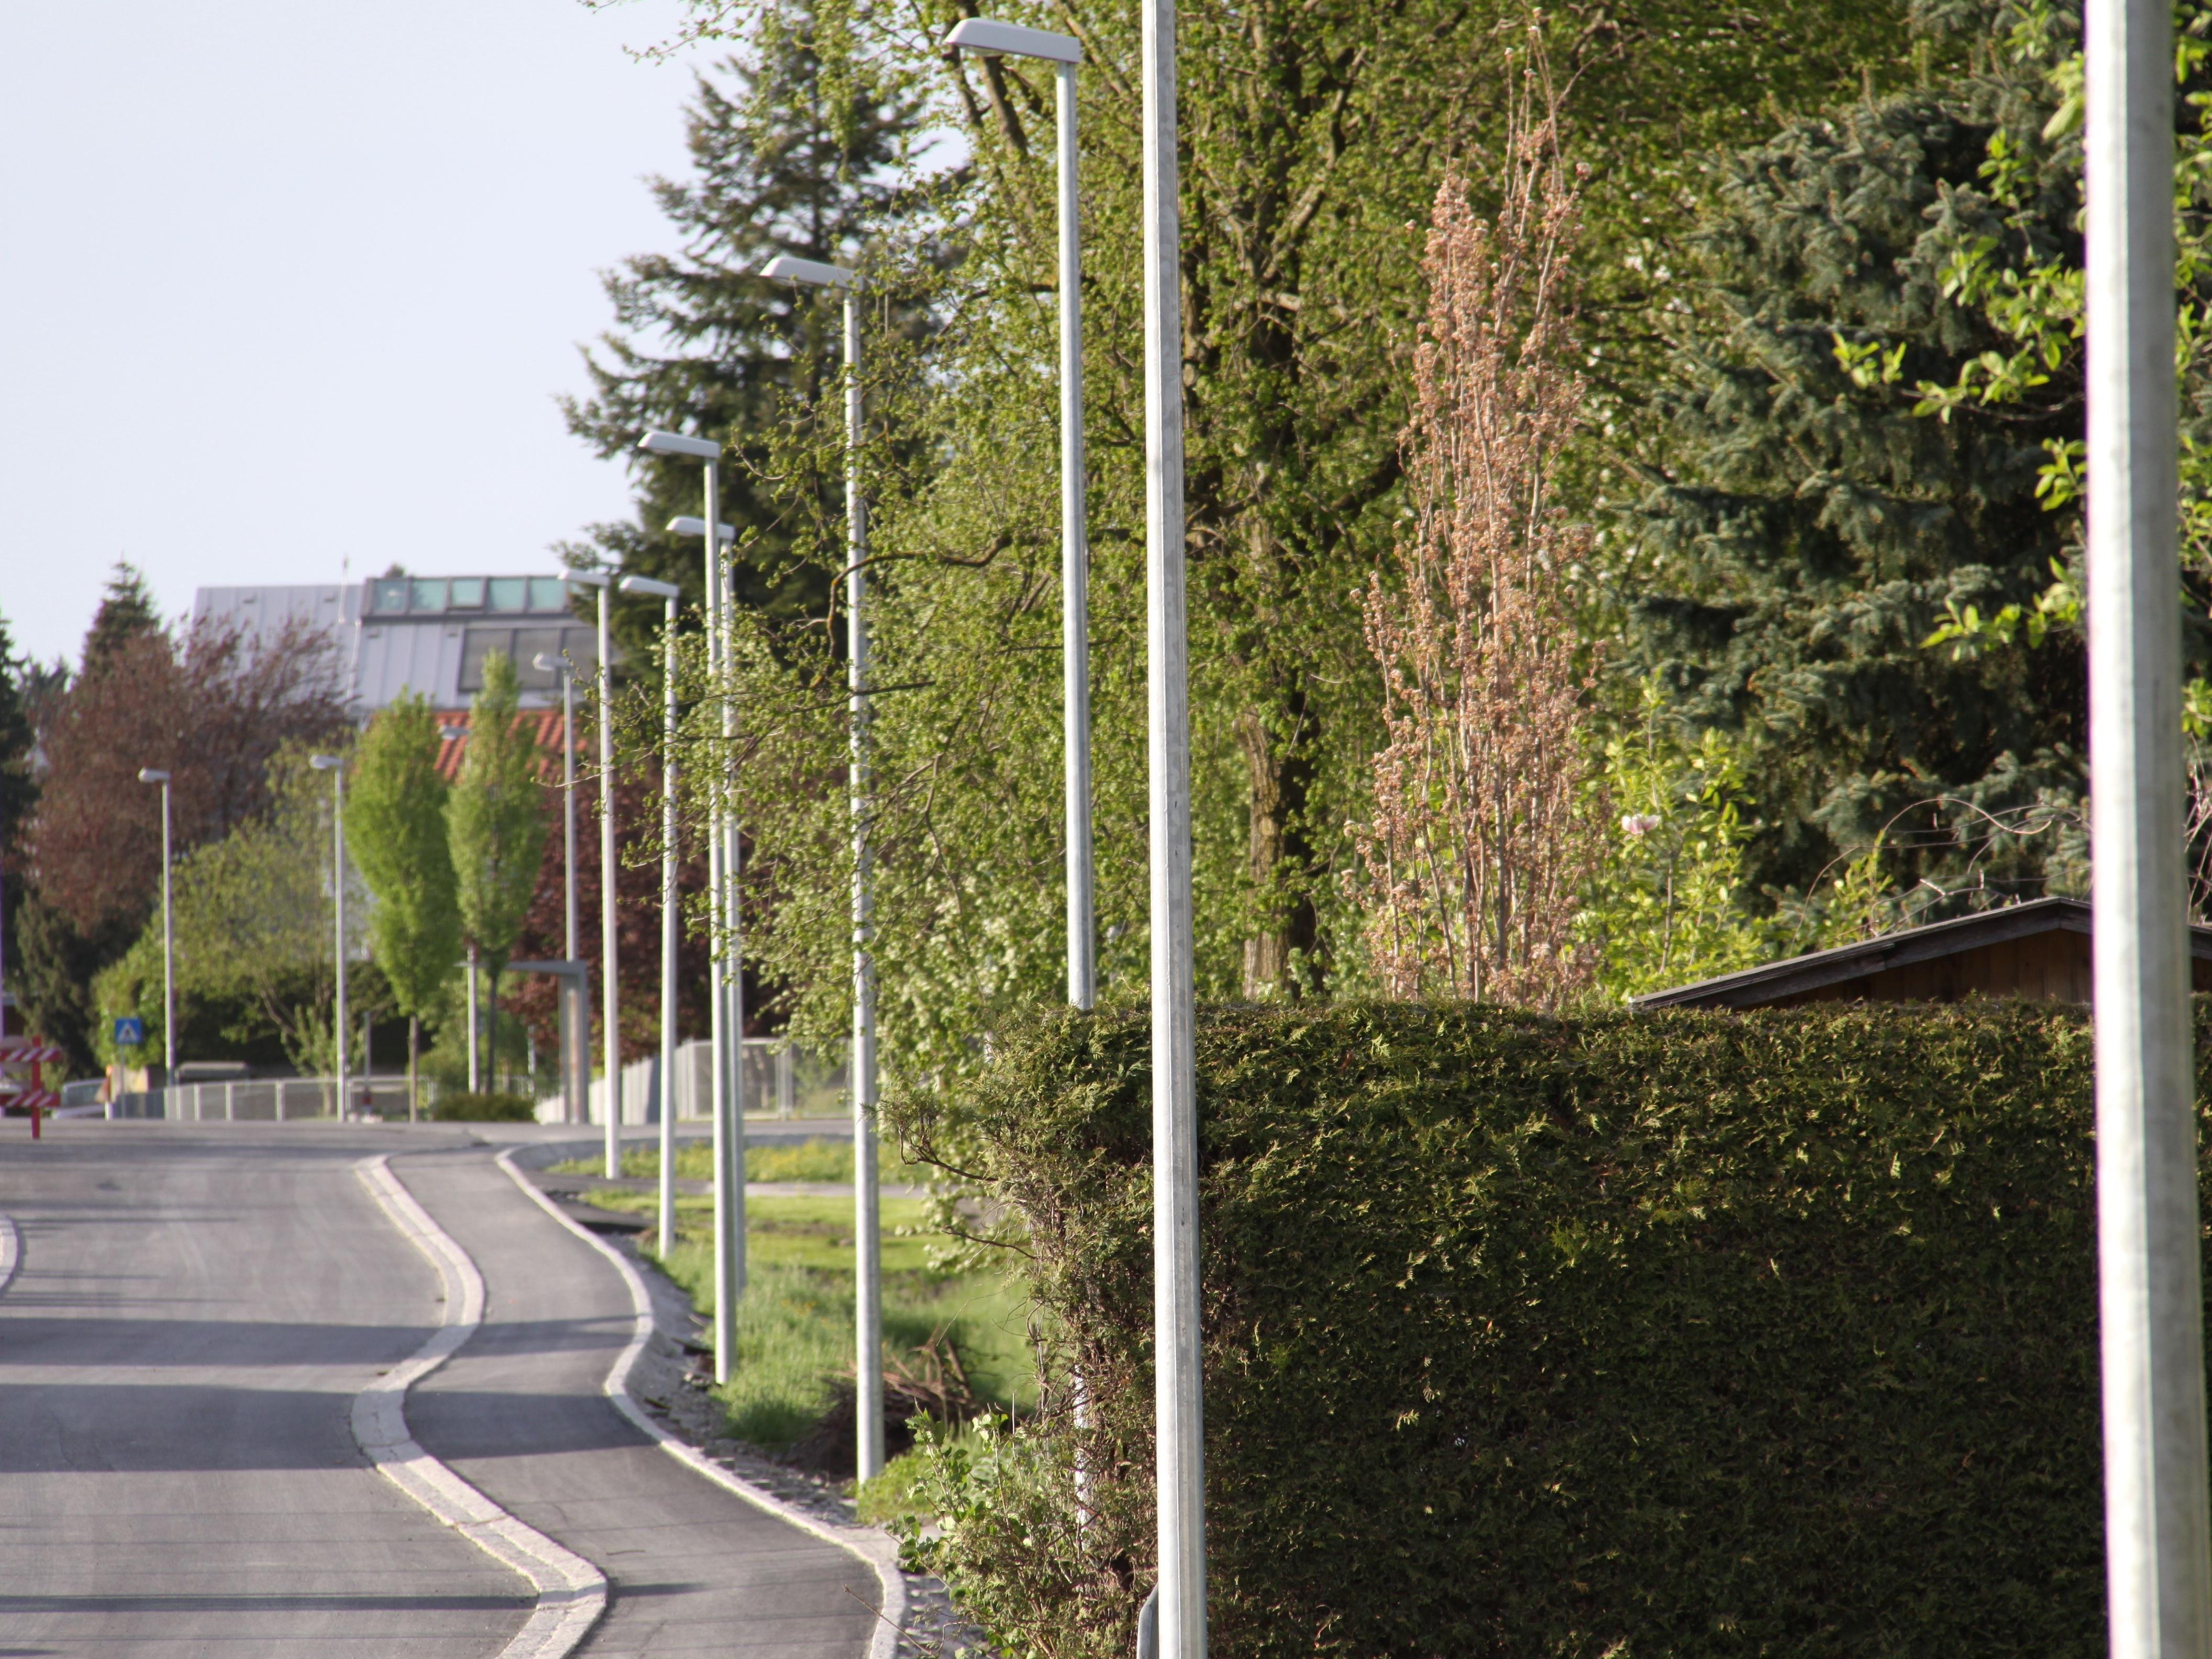 Angesichts der Vielzahl an Straßenlampen im Süden Lustenaus, bekommt das Wort Lichtermeer eine neue Bedeutung.